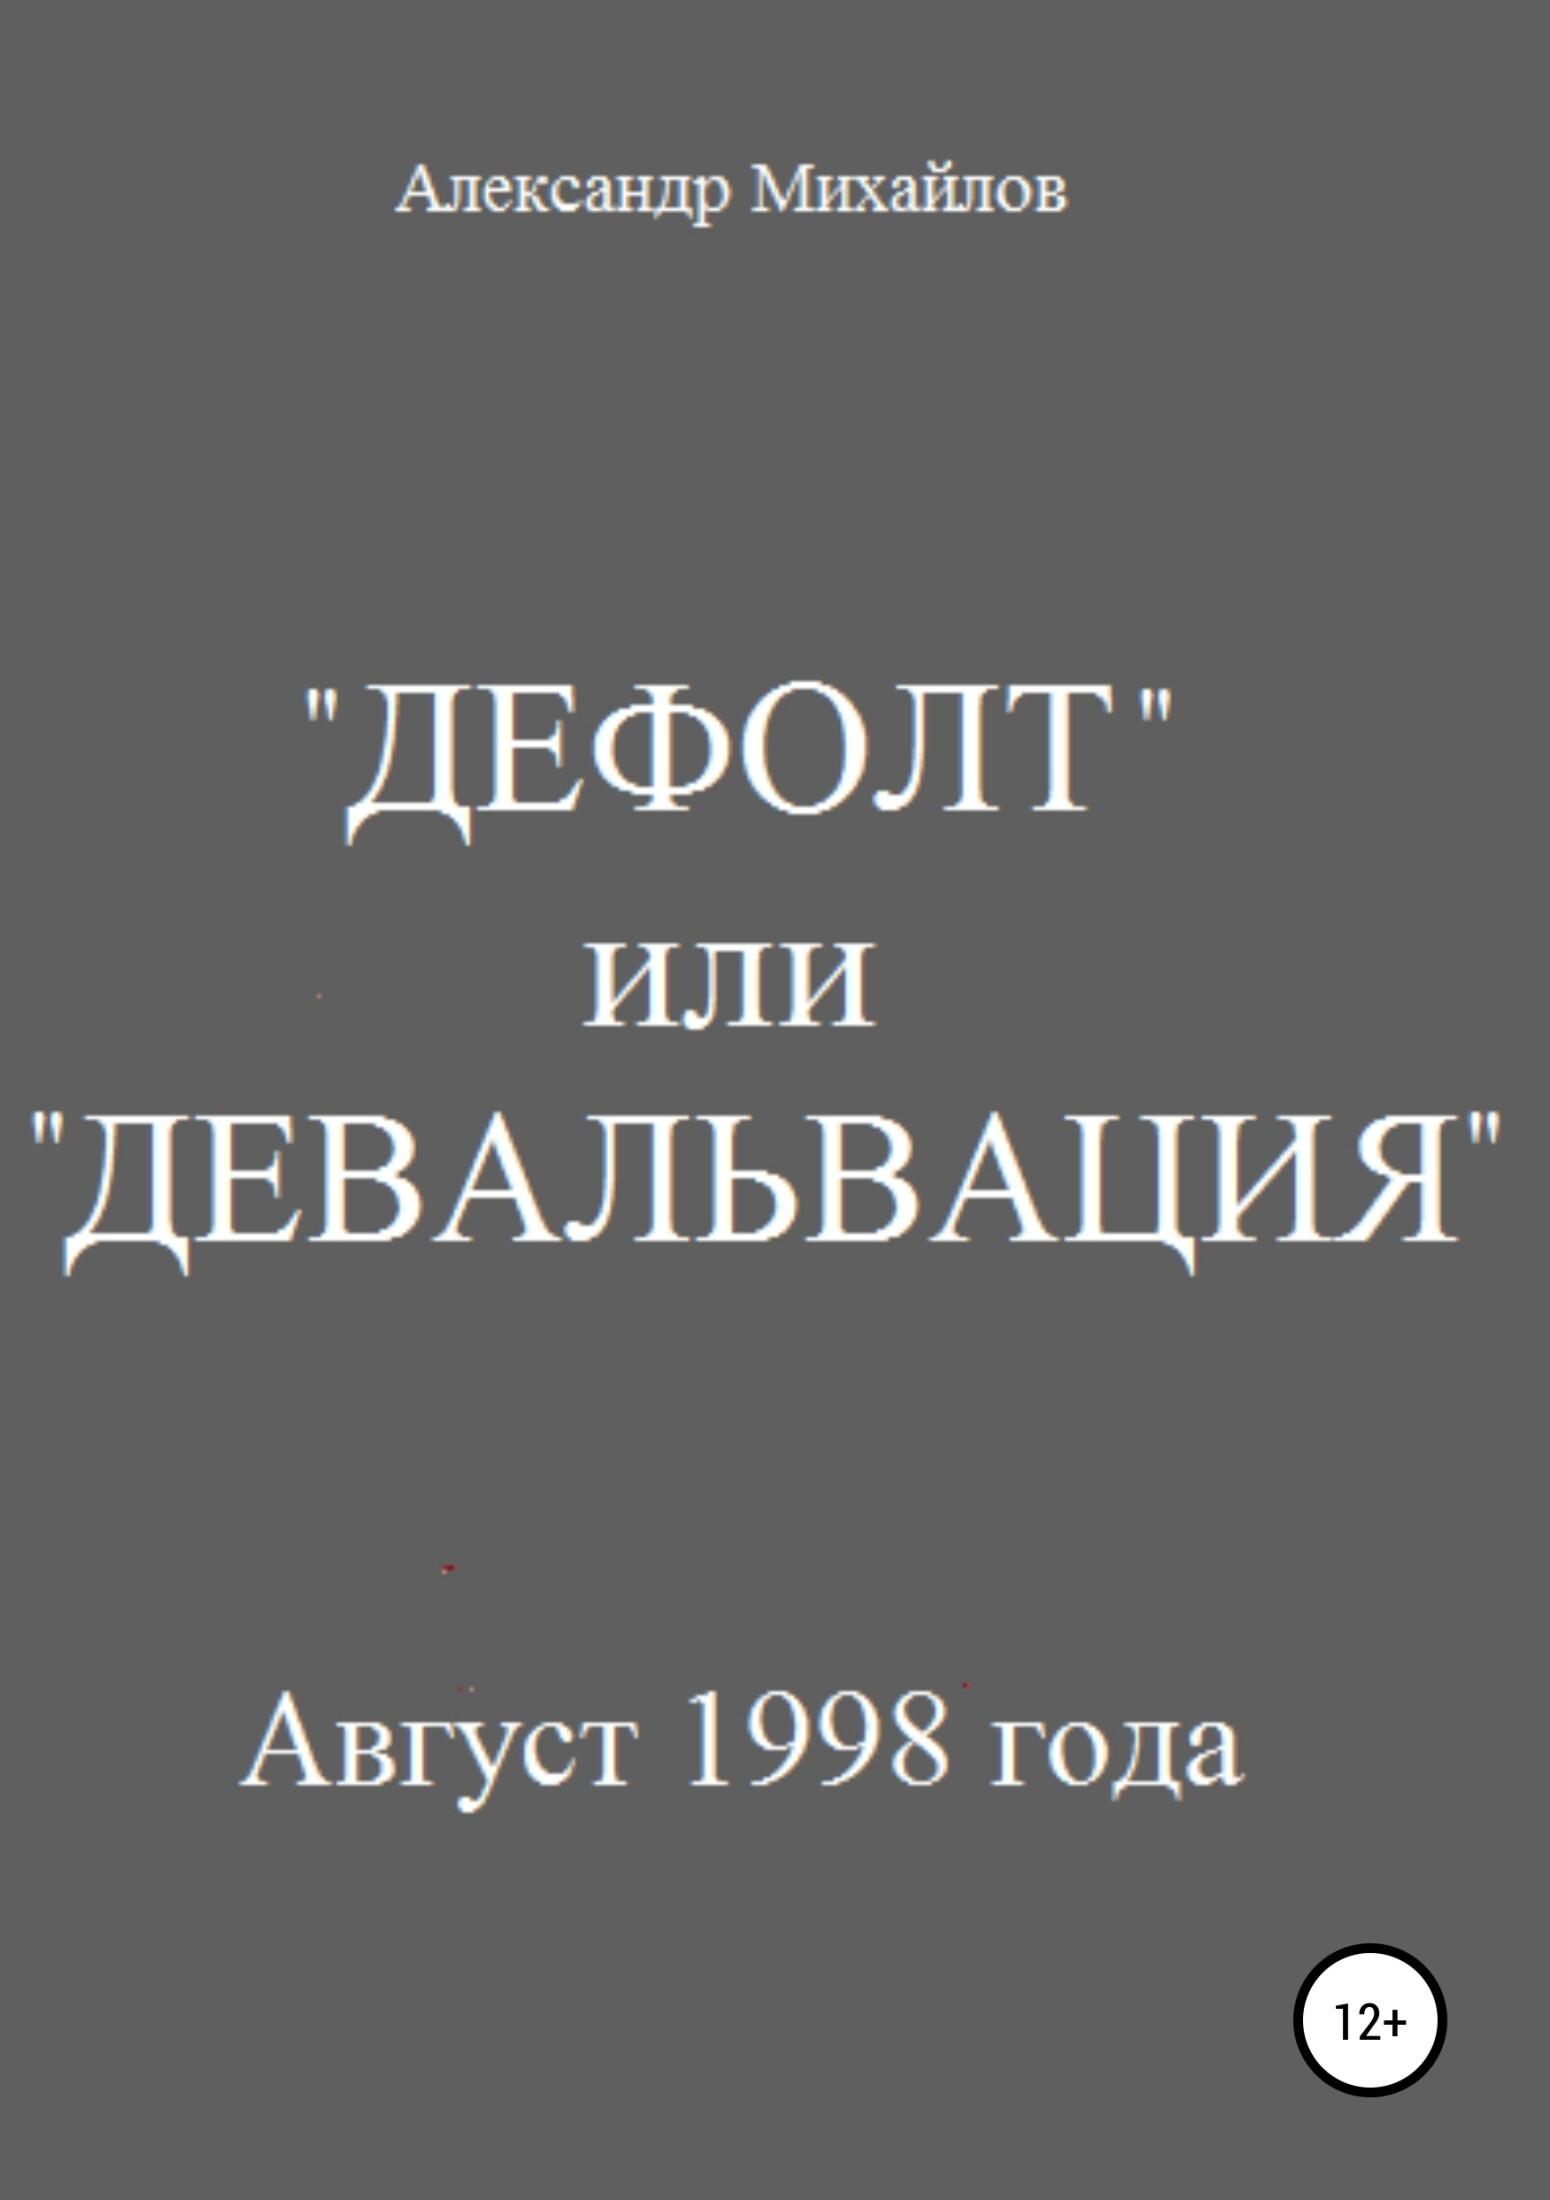 Александр Григорьевич Михайлов «Дефолт» или «Девальвация»